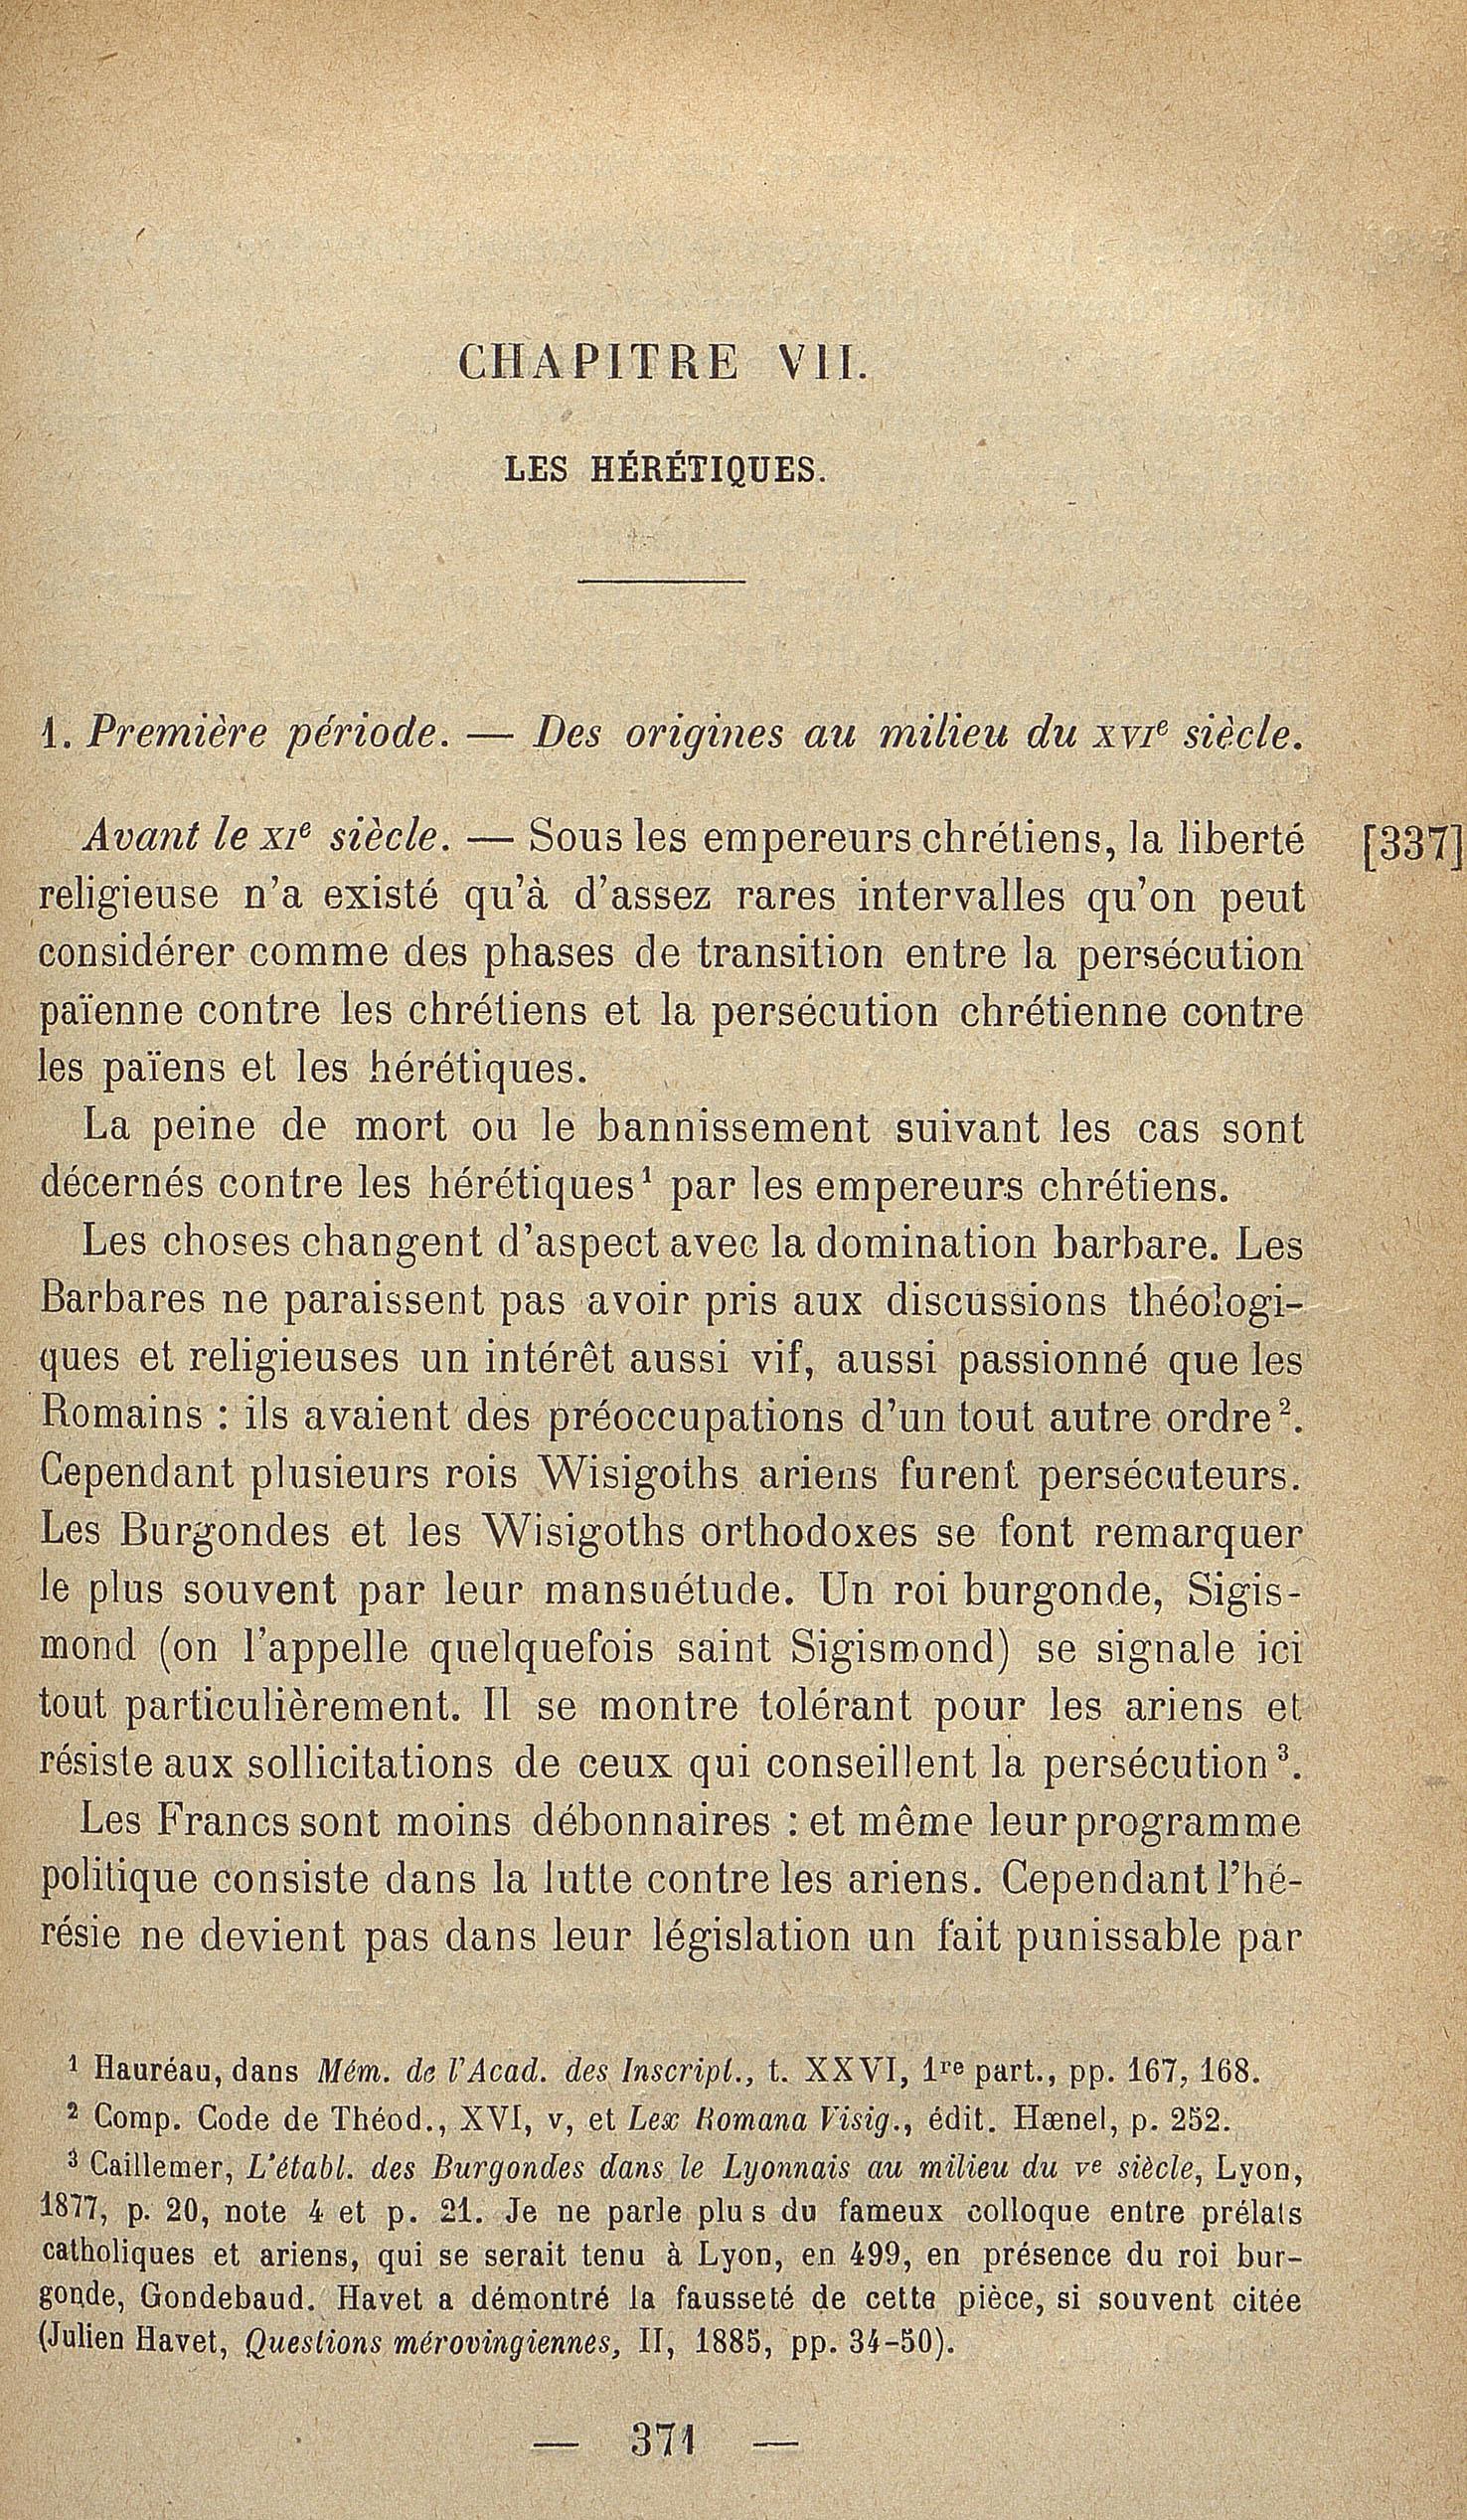 http://expo-paulviollet.univ-paris1.fr/wp-content/uploads/2016/02/0605121670_0381.jpg